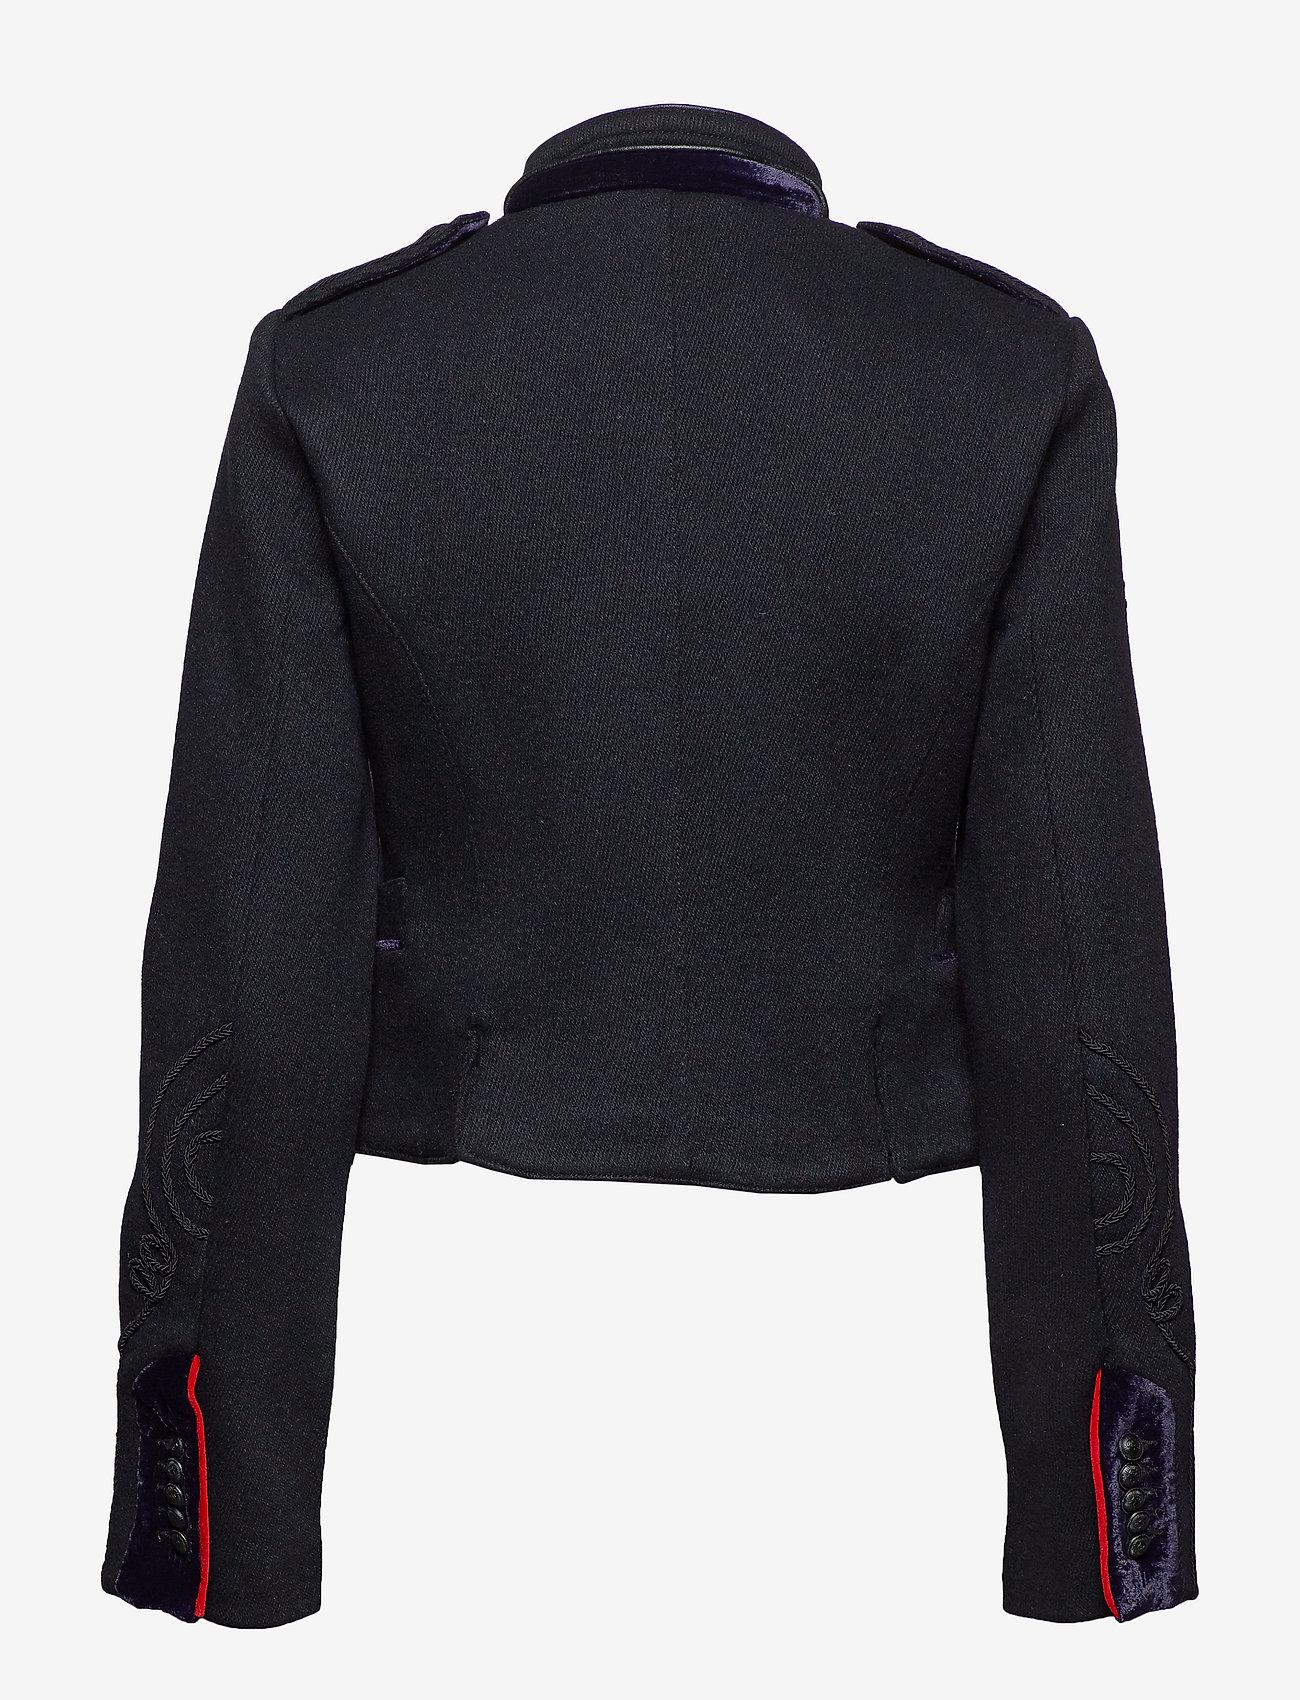 Superdry Cropped Duchess Wool Jkt - Vestes Et Manteaux Black